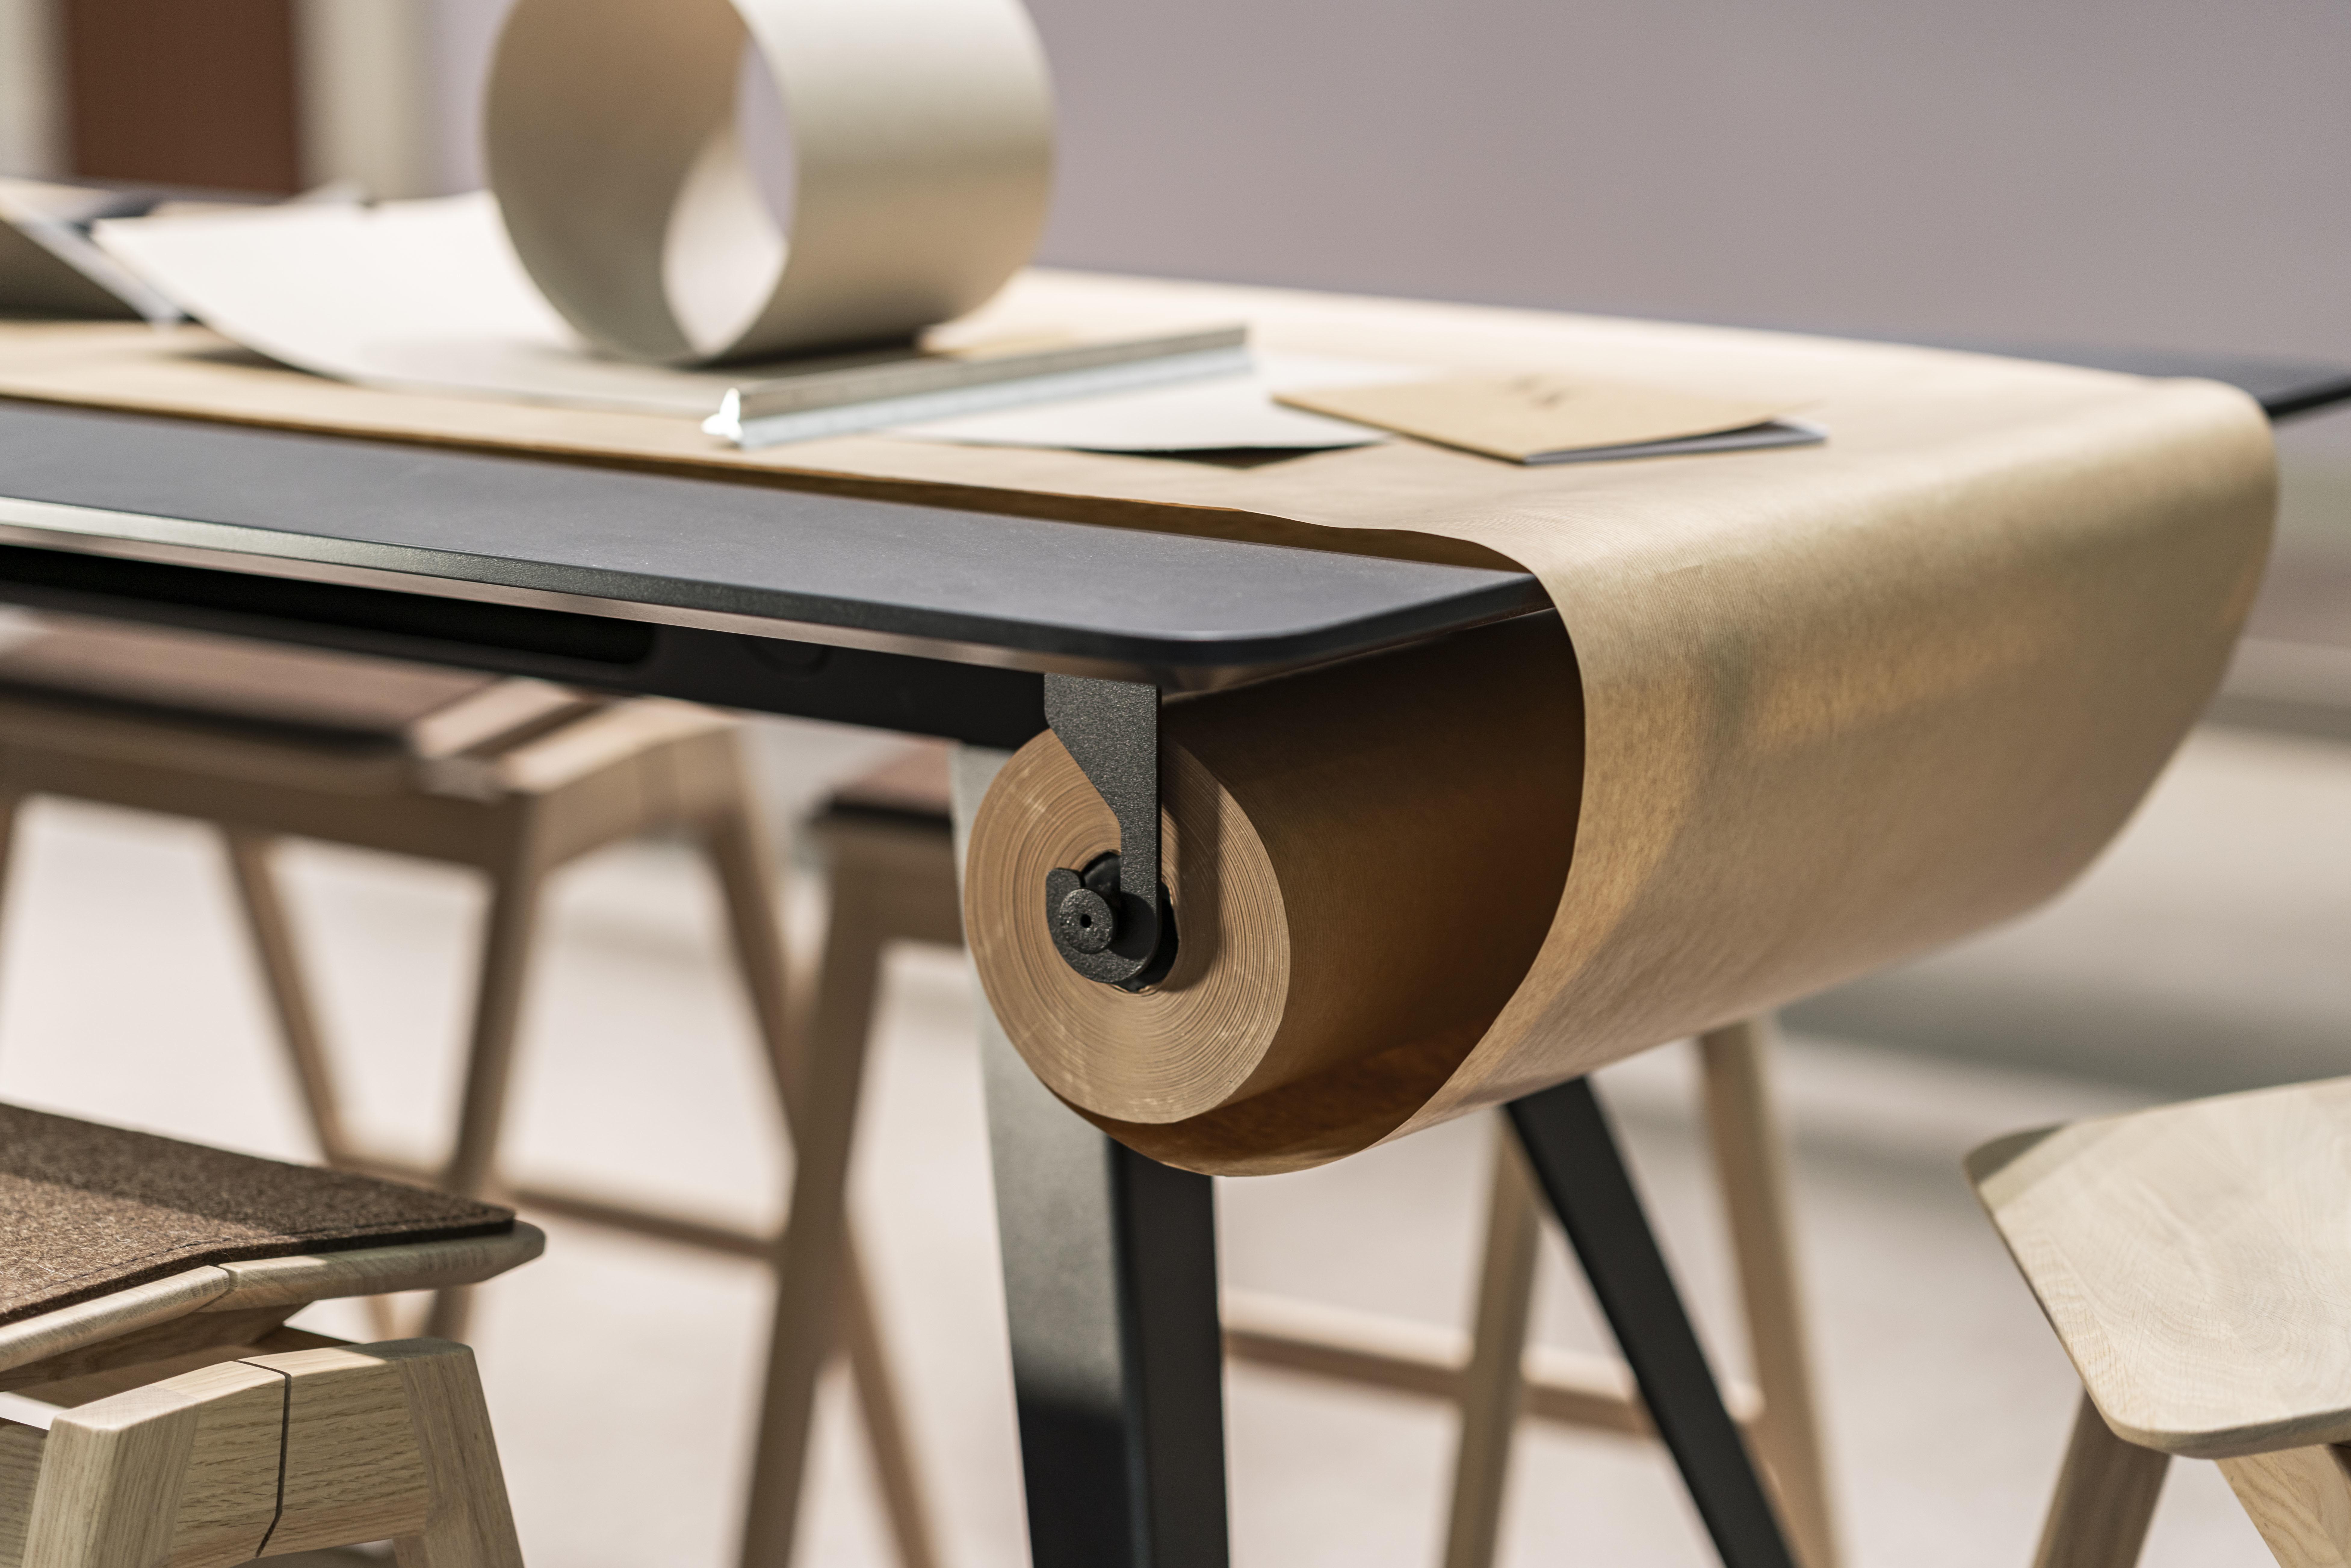 Knekk bord med papirrull og papirrullholder Fora Form